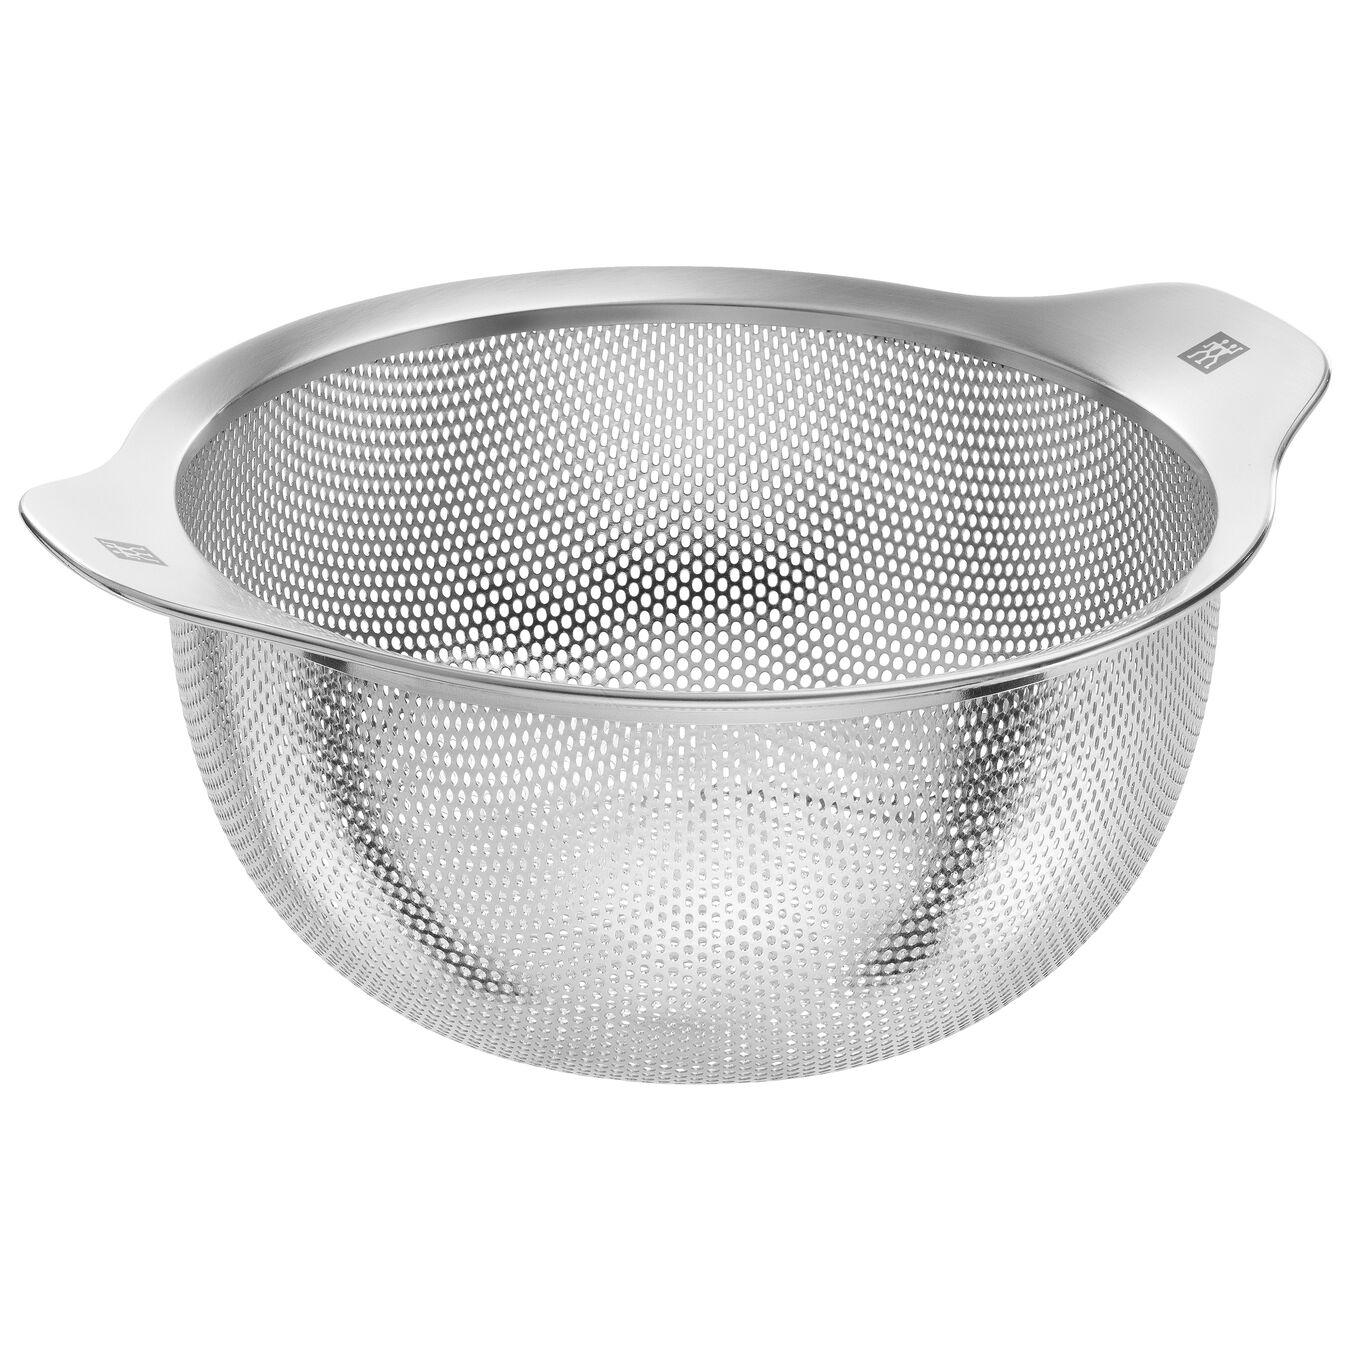 Scolapasta - 20 cm, 18/10 acciaio inossidabile,,large 1